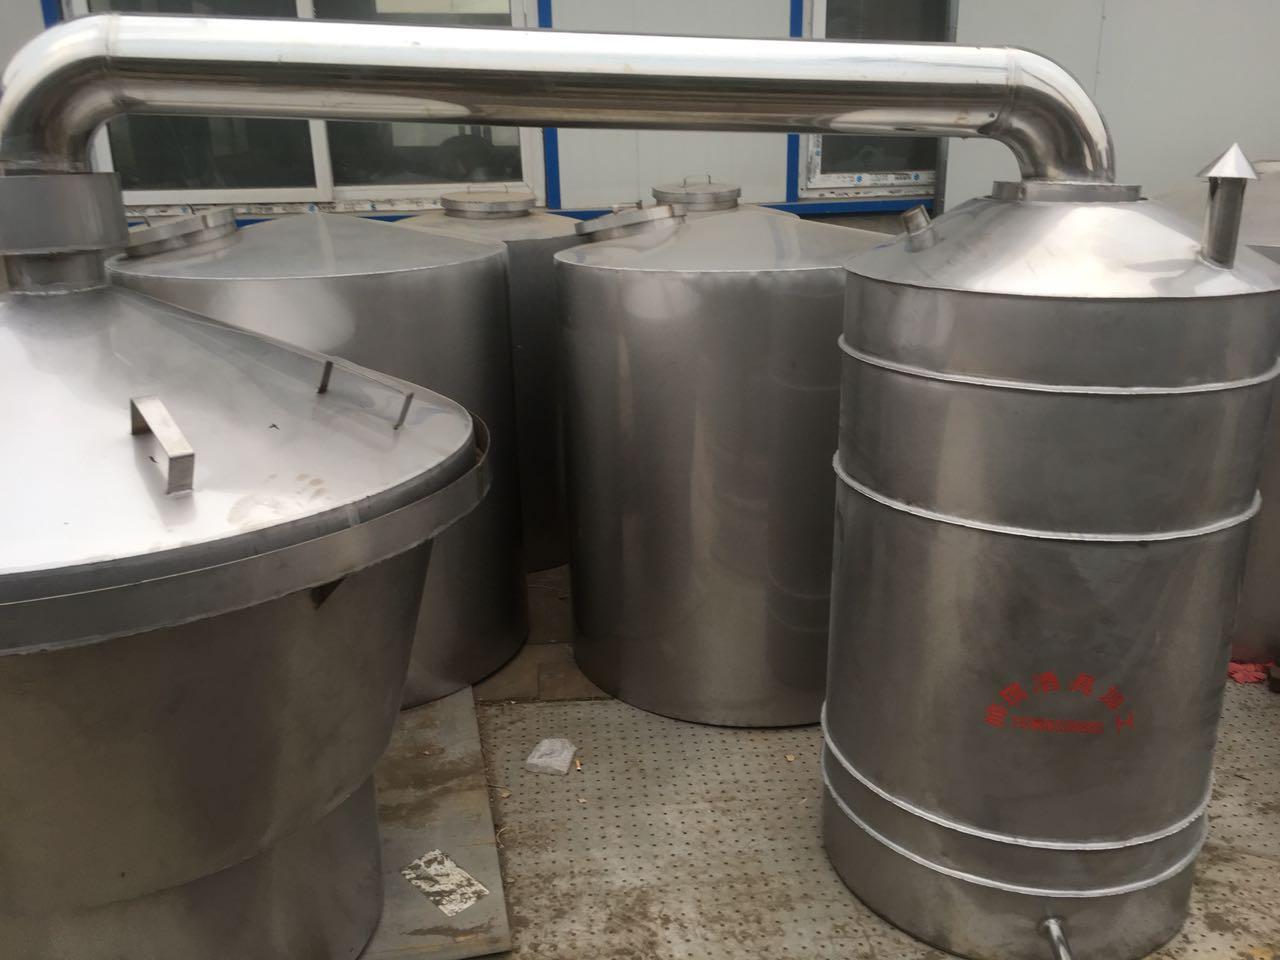 辽宁酿酒设备价格-物超所值的酿酒设备就在沈阳帅琪酒具